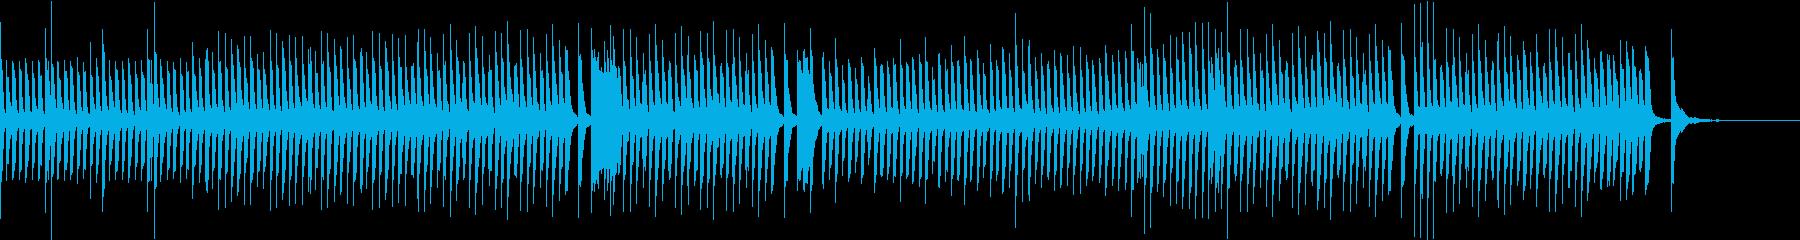 Eテレ系ゆったりカワイイほのぼのピアノ曲の再生済みの波形